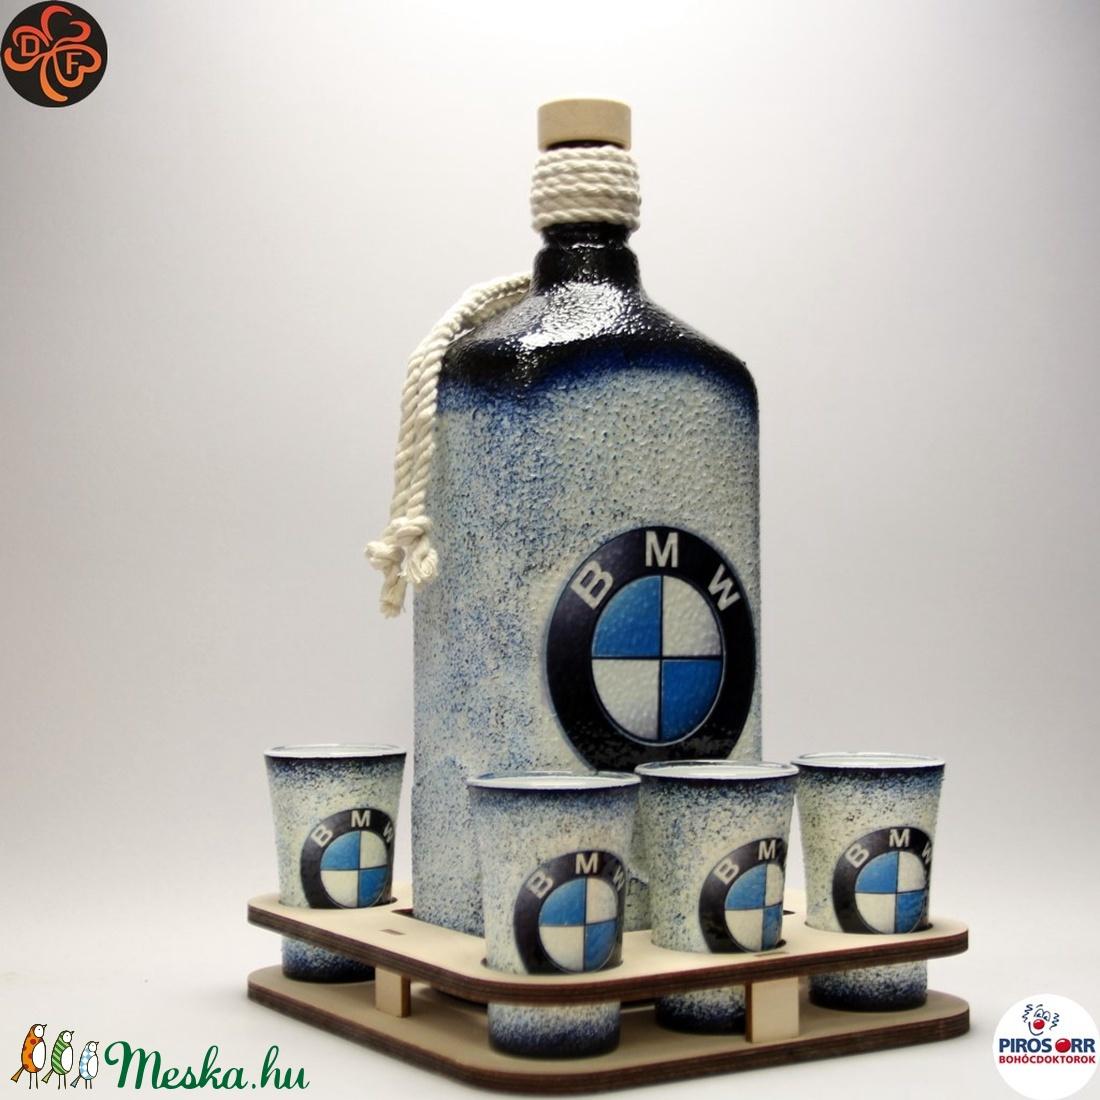 BMW ital készlet ; BMW rajongóknak, apa, testvér, barát számára (decorfantasy) - Meska.hu